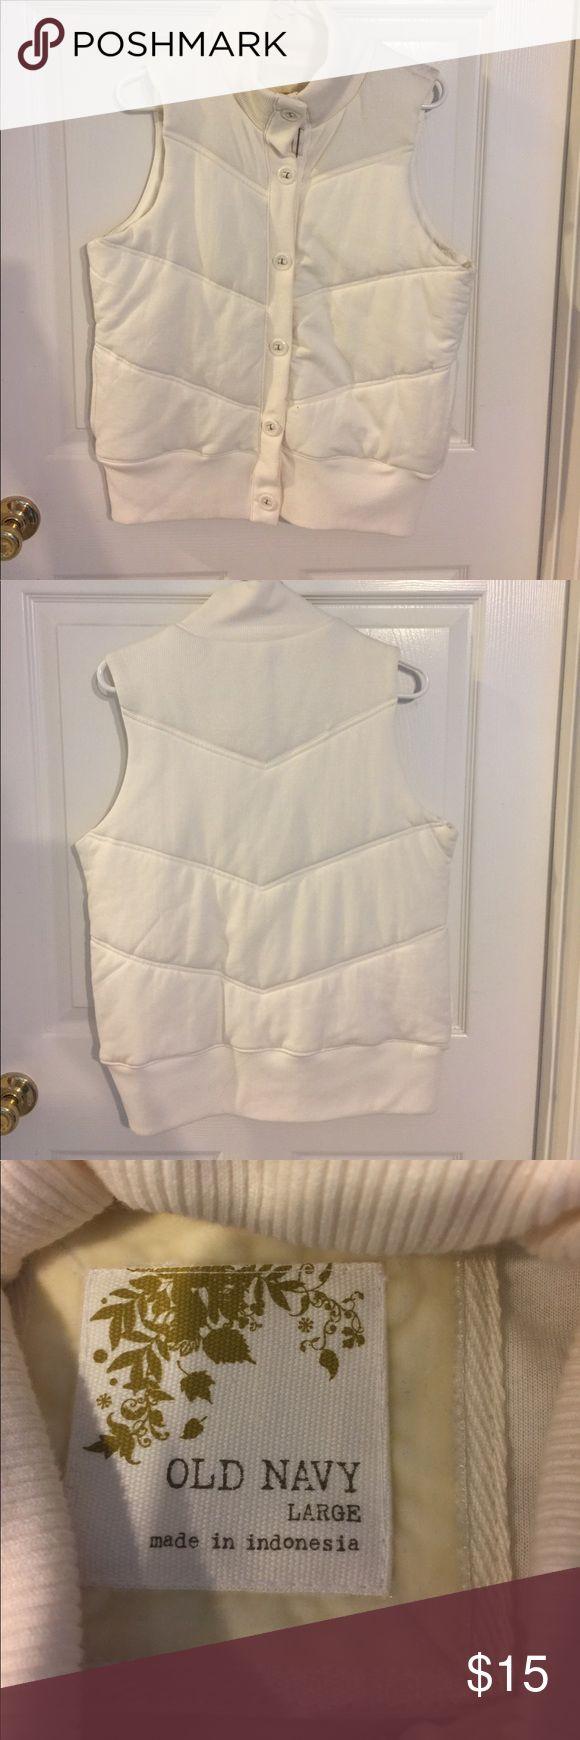 Old Navy vest Old Navy white vest Old Navy Jackets & Coats Vests